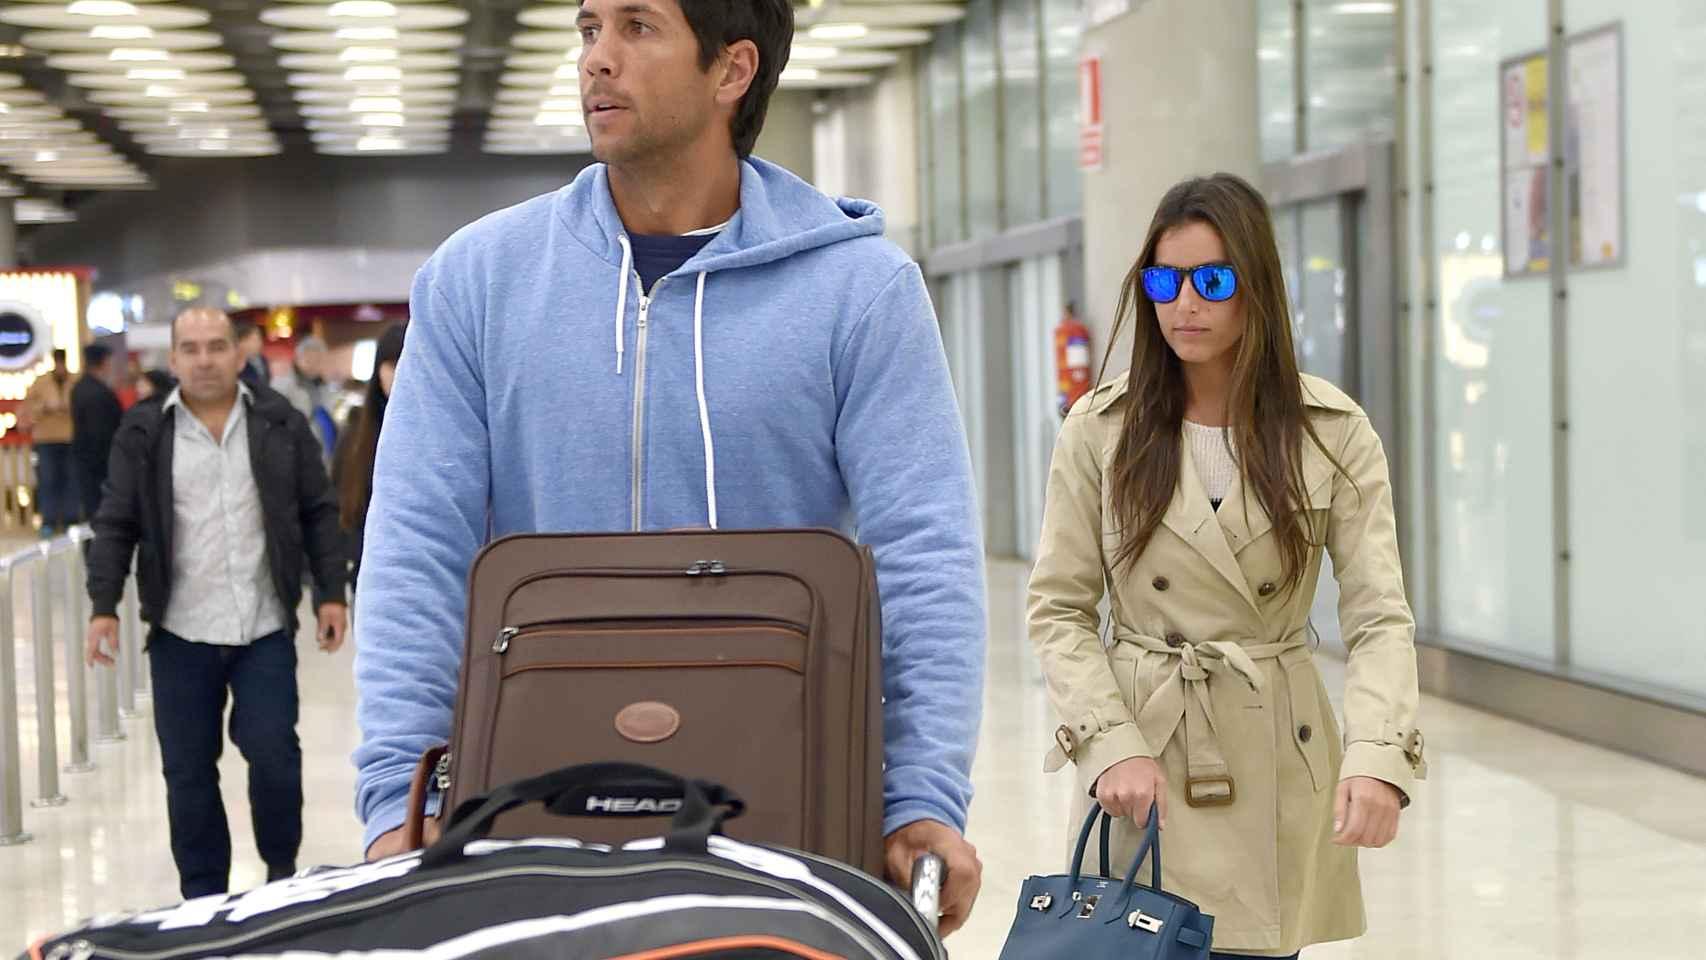 Ana vive desde hace unos meses con su novio, el tenista Fernando Verdasco